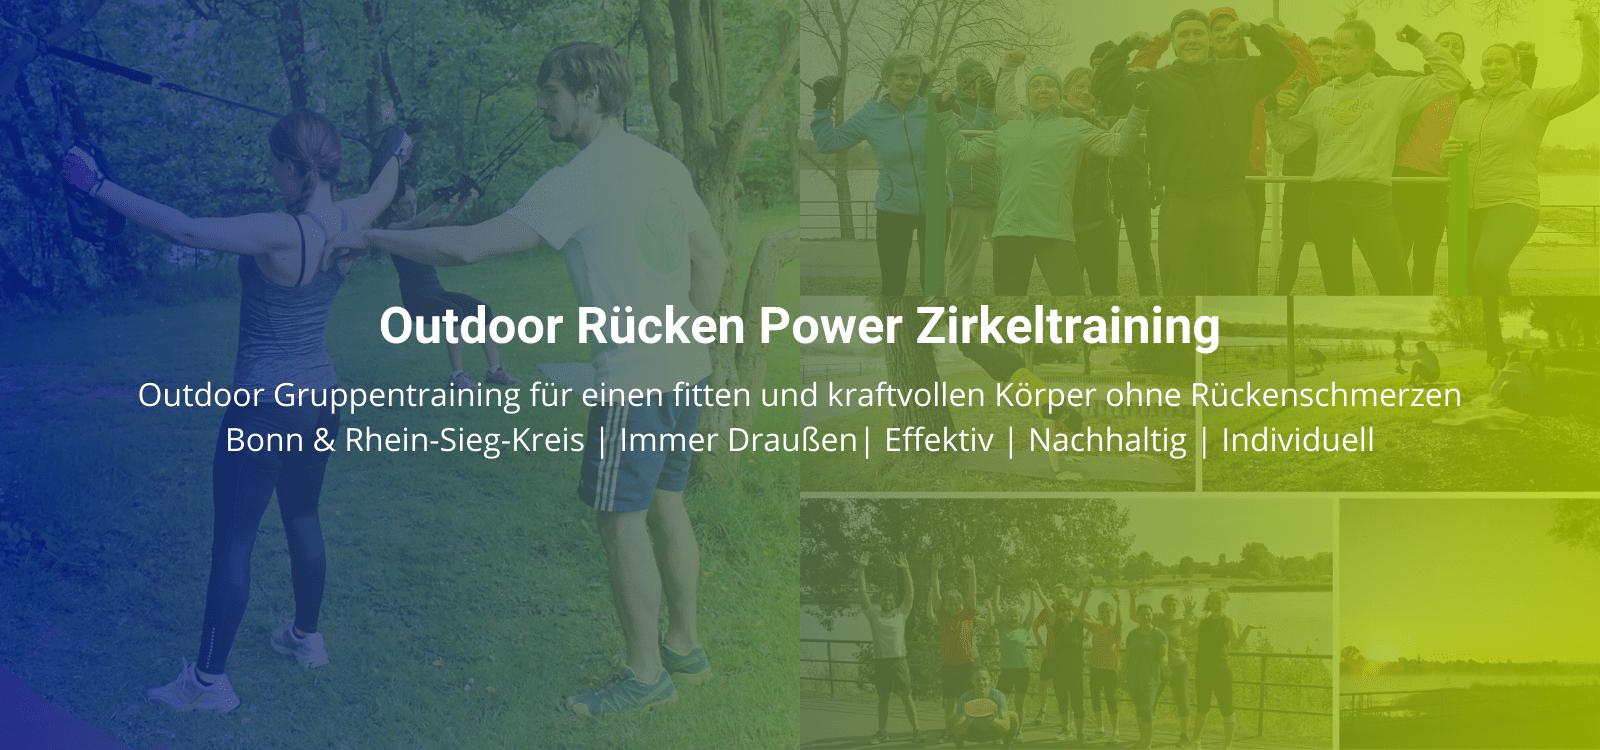 Christian Roller Outdoor Gruppentraining für einen starken Rücken in Bonn & Rhein-Sieg-Kreis